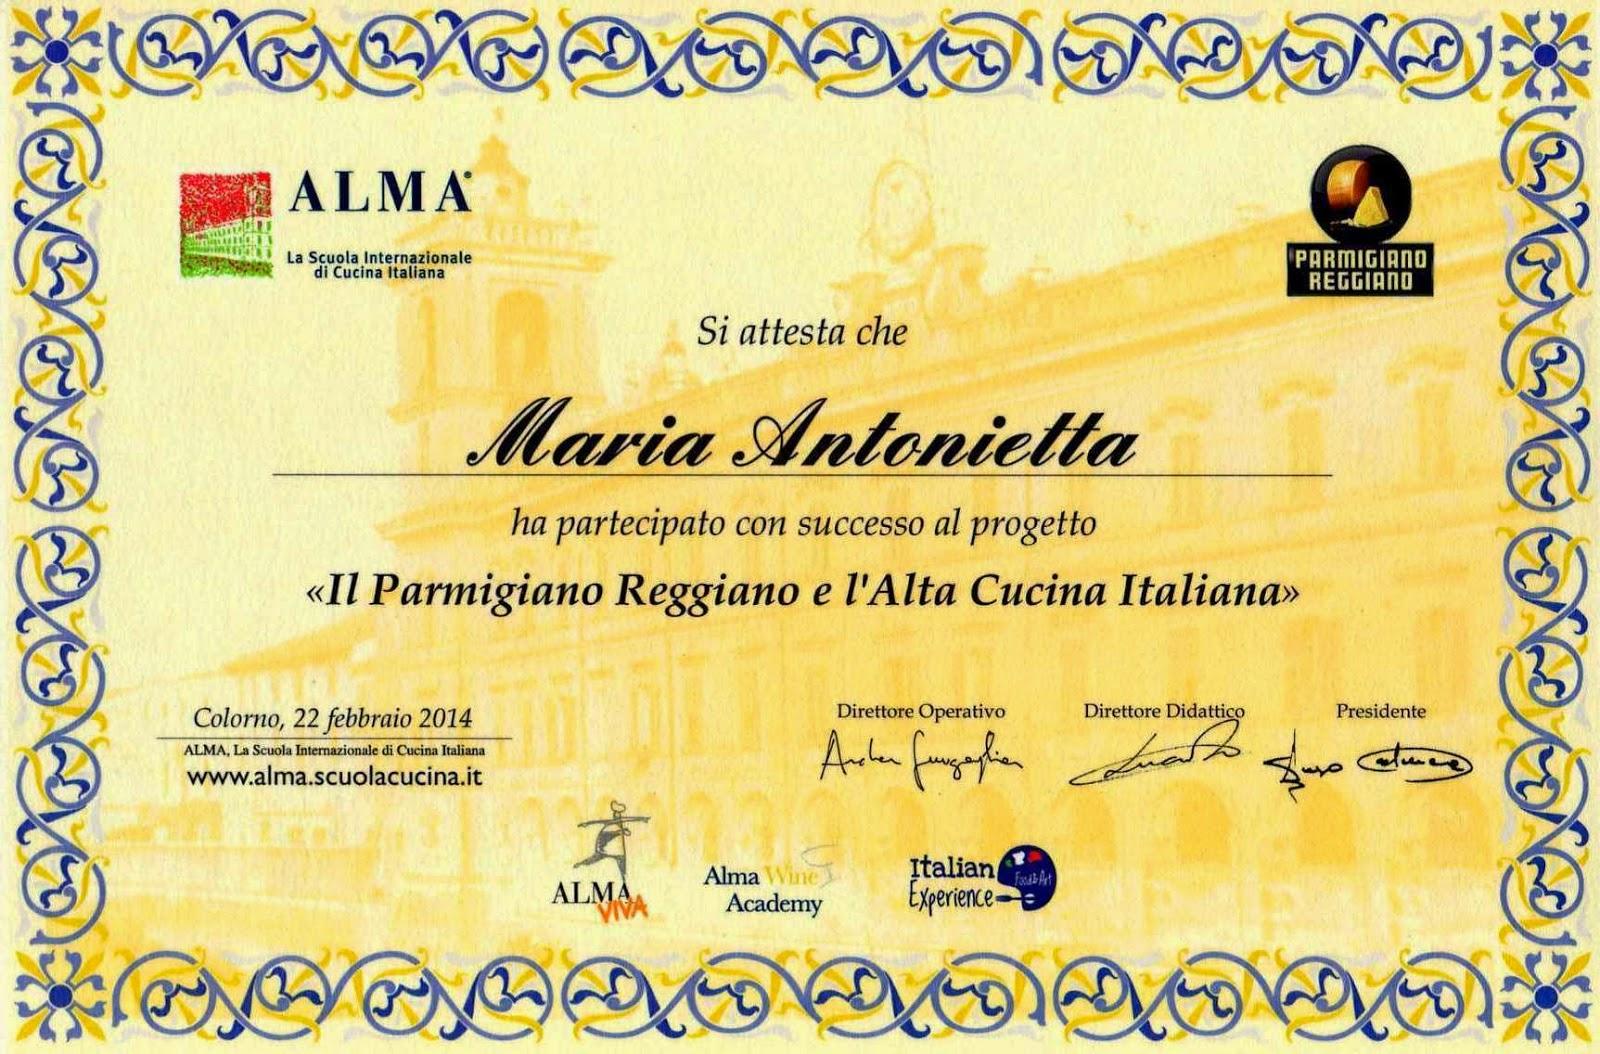 Il diploma consegnato dai rappresentanti del Consorzio del Parmigiano Reggiano